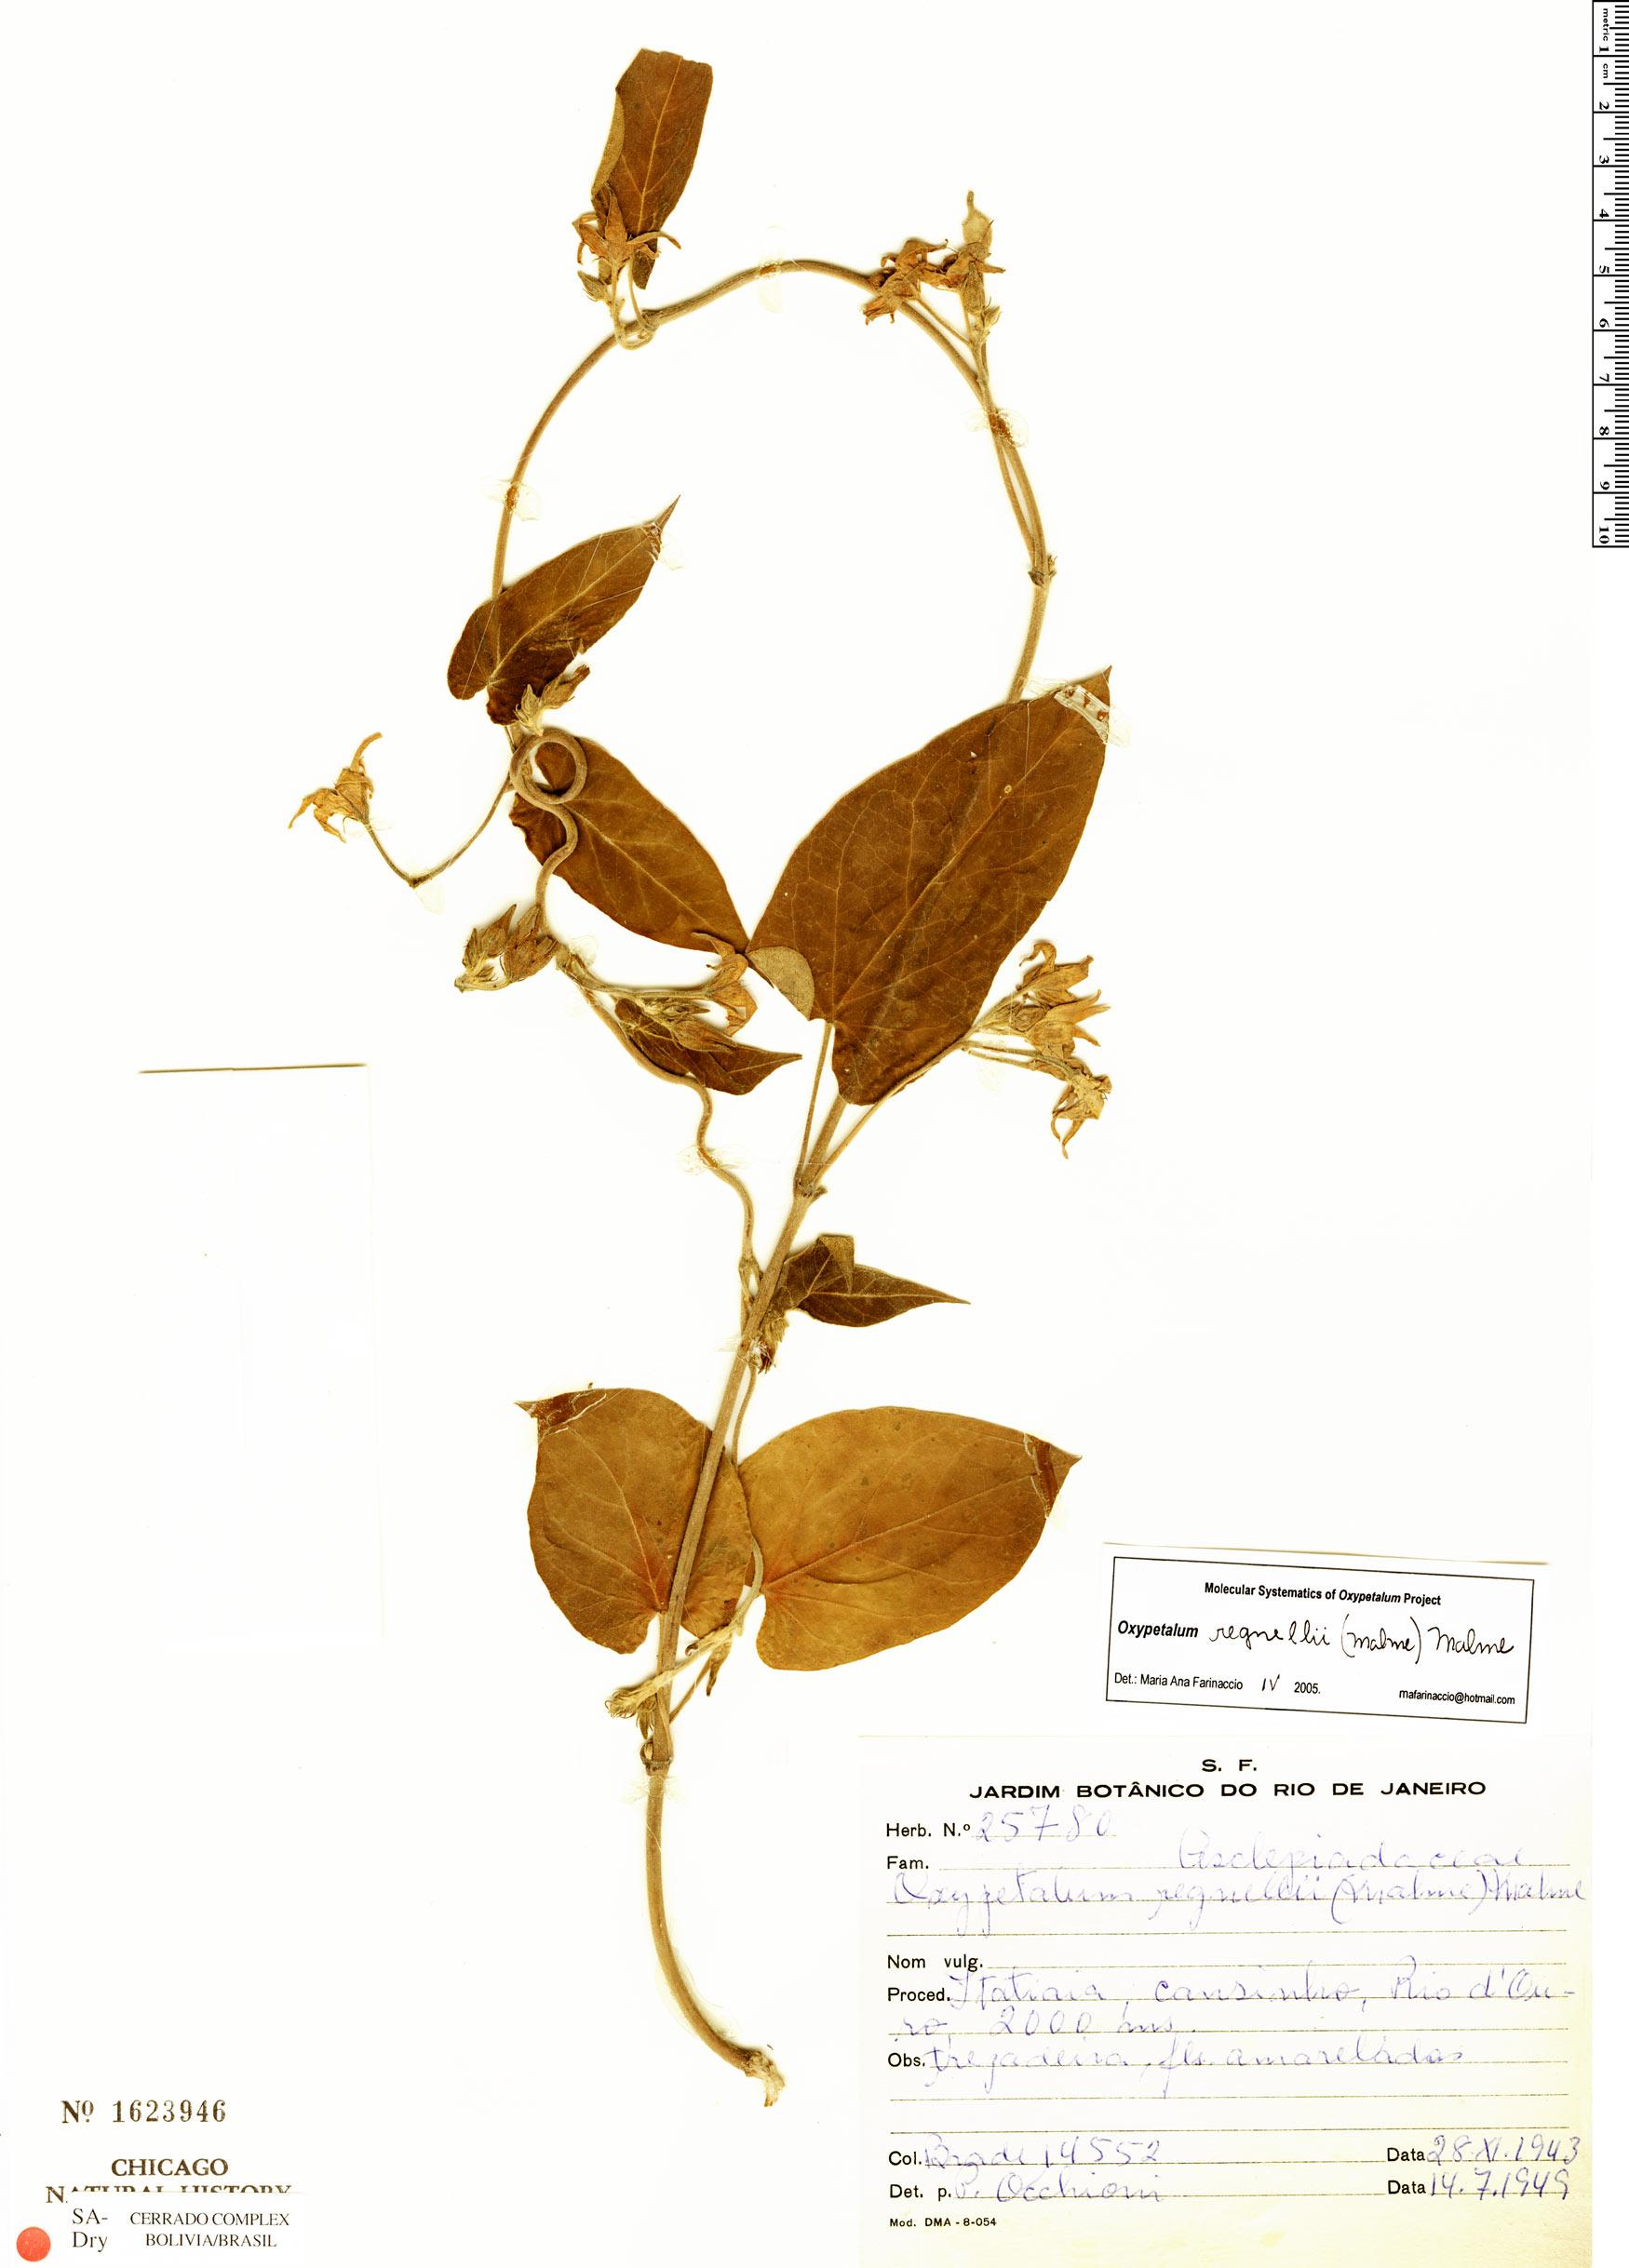 Specimen: Oxypetalum regnellii